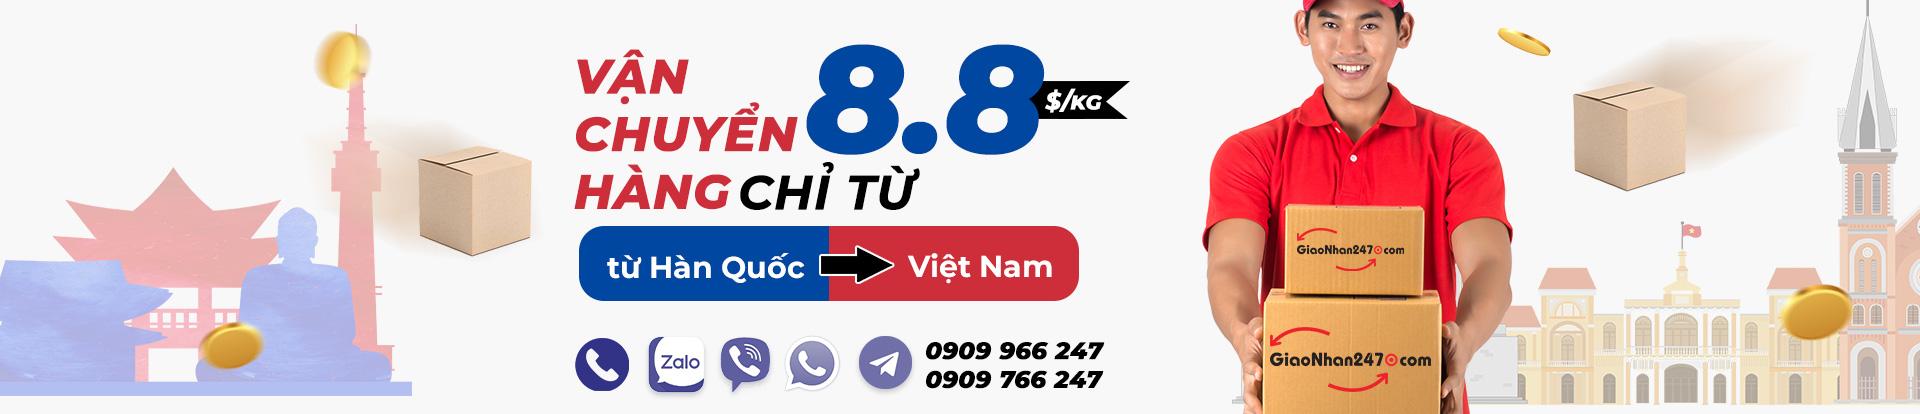 van-chuyen-hang-tu-han-quoc-ve-vn